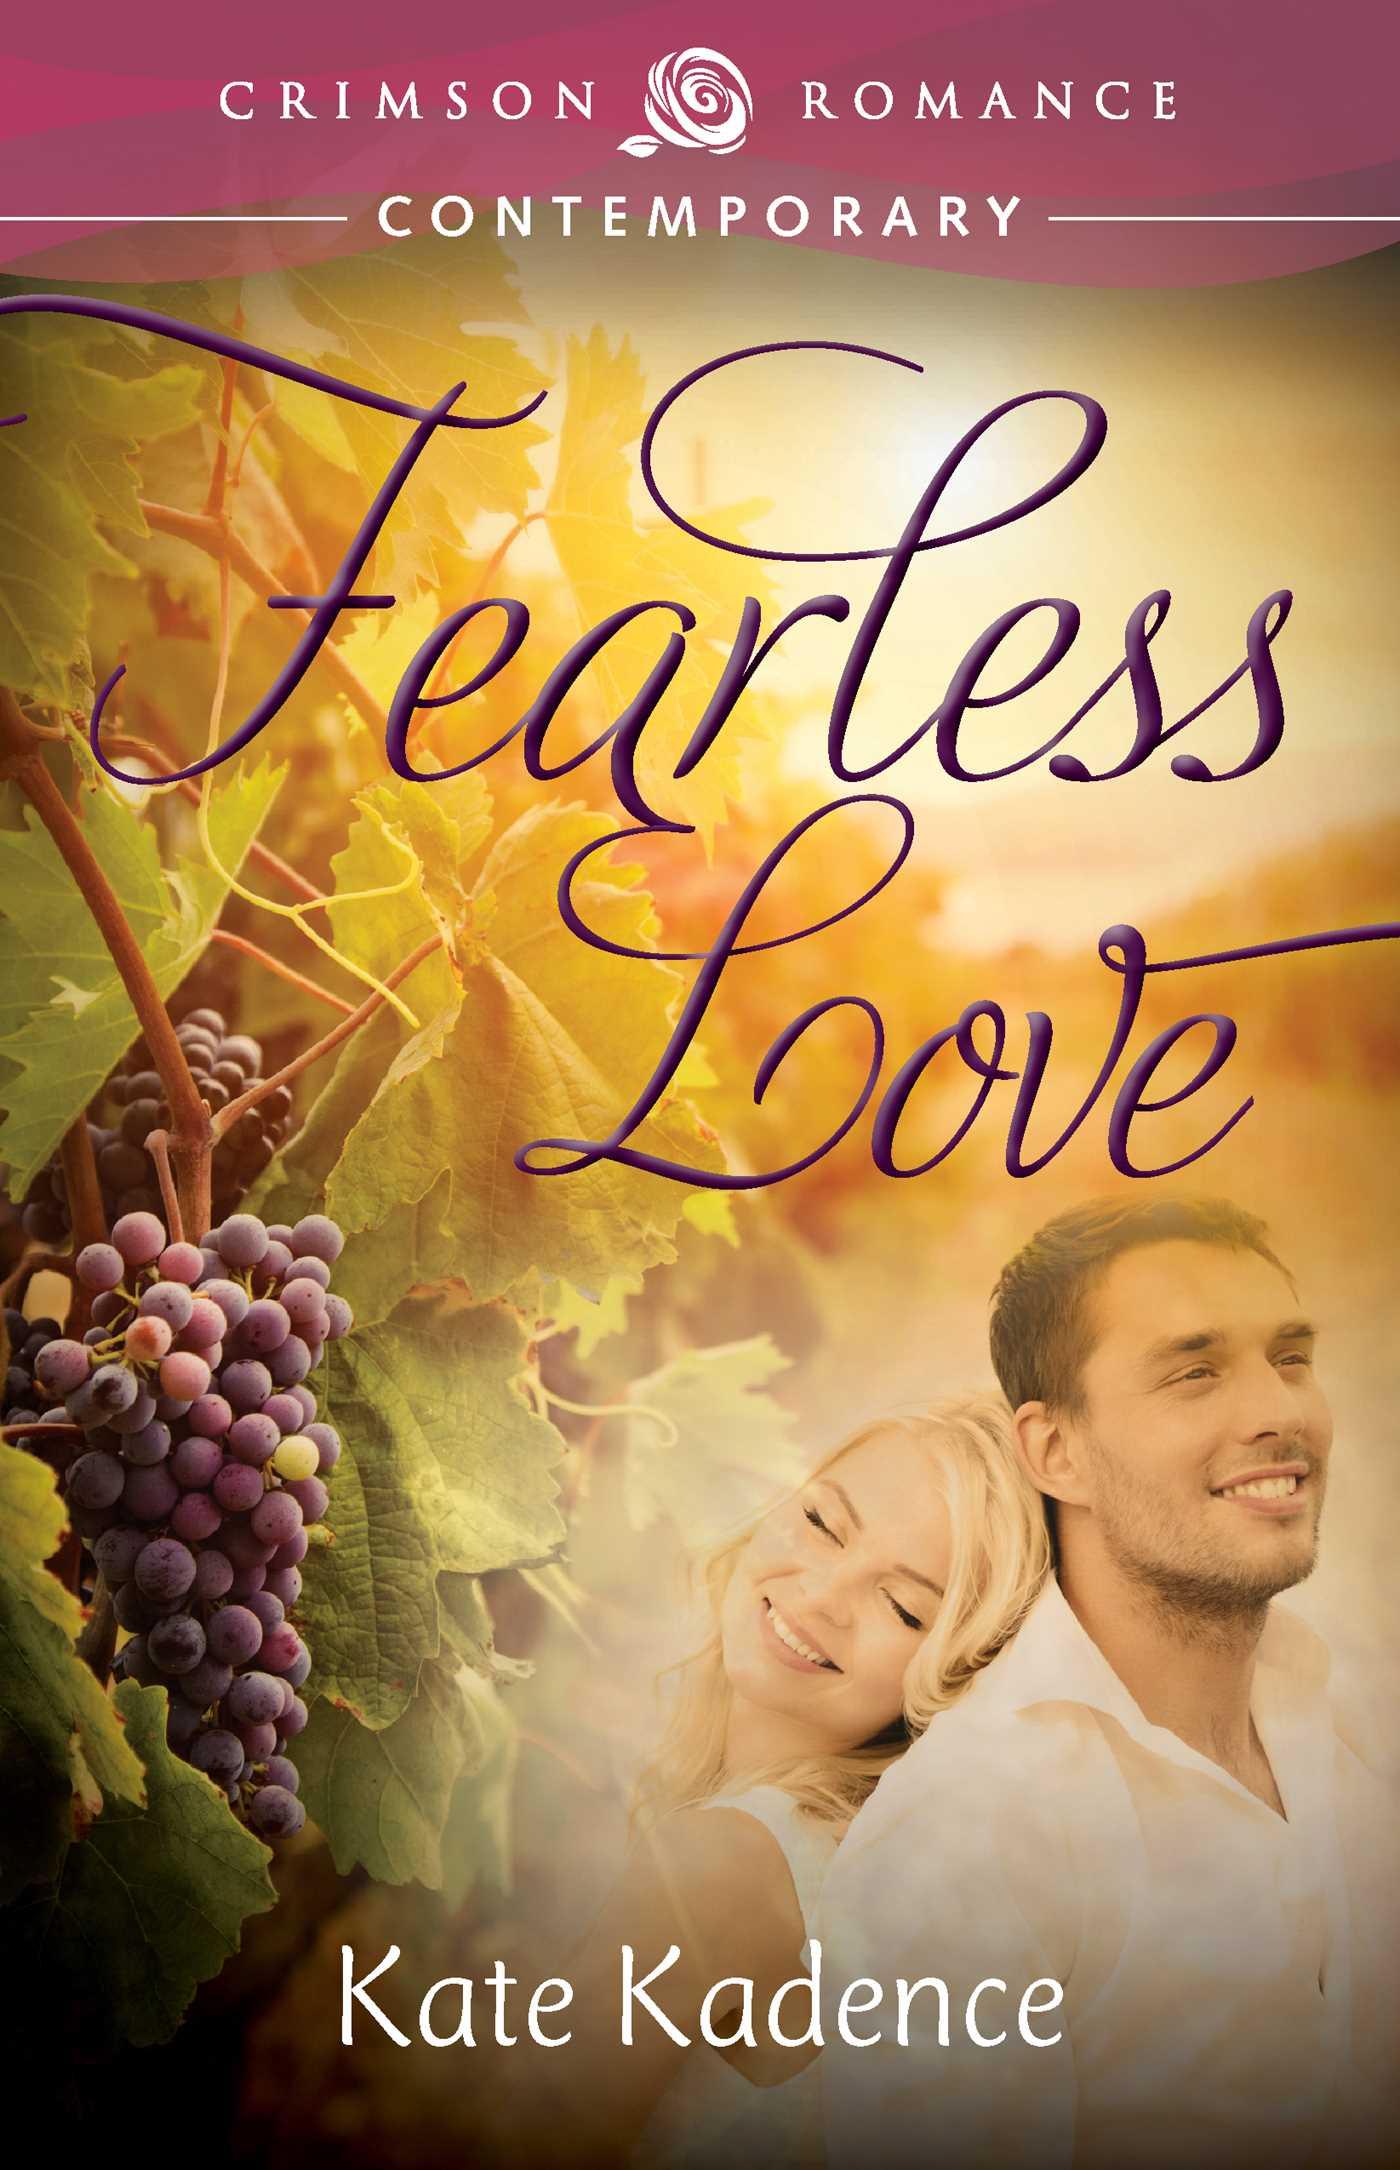 Fearless love 9781440582660 hr